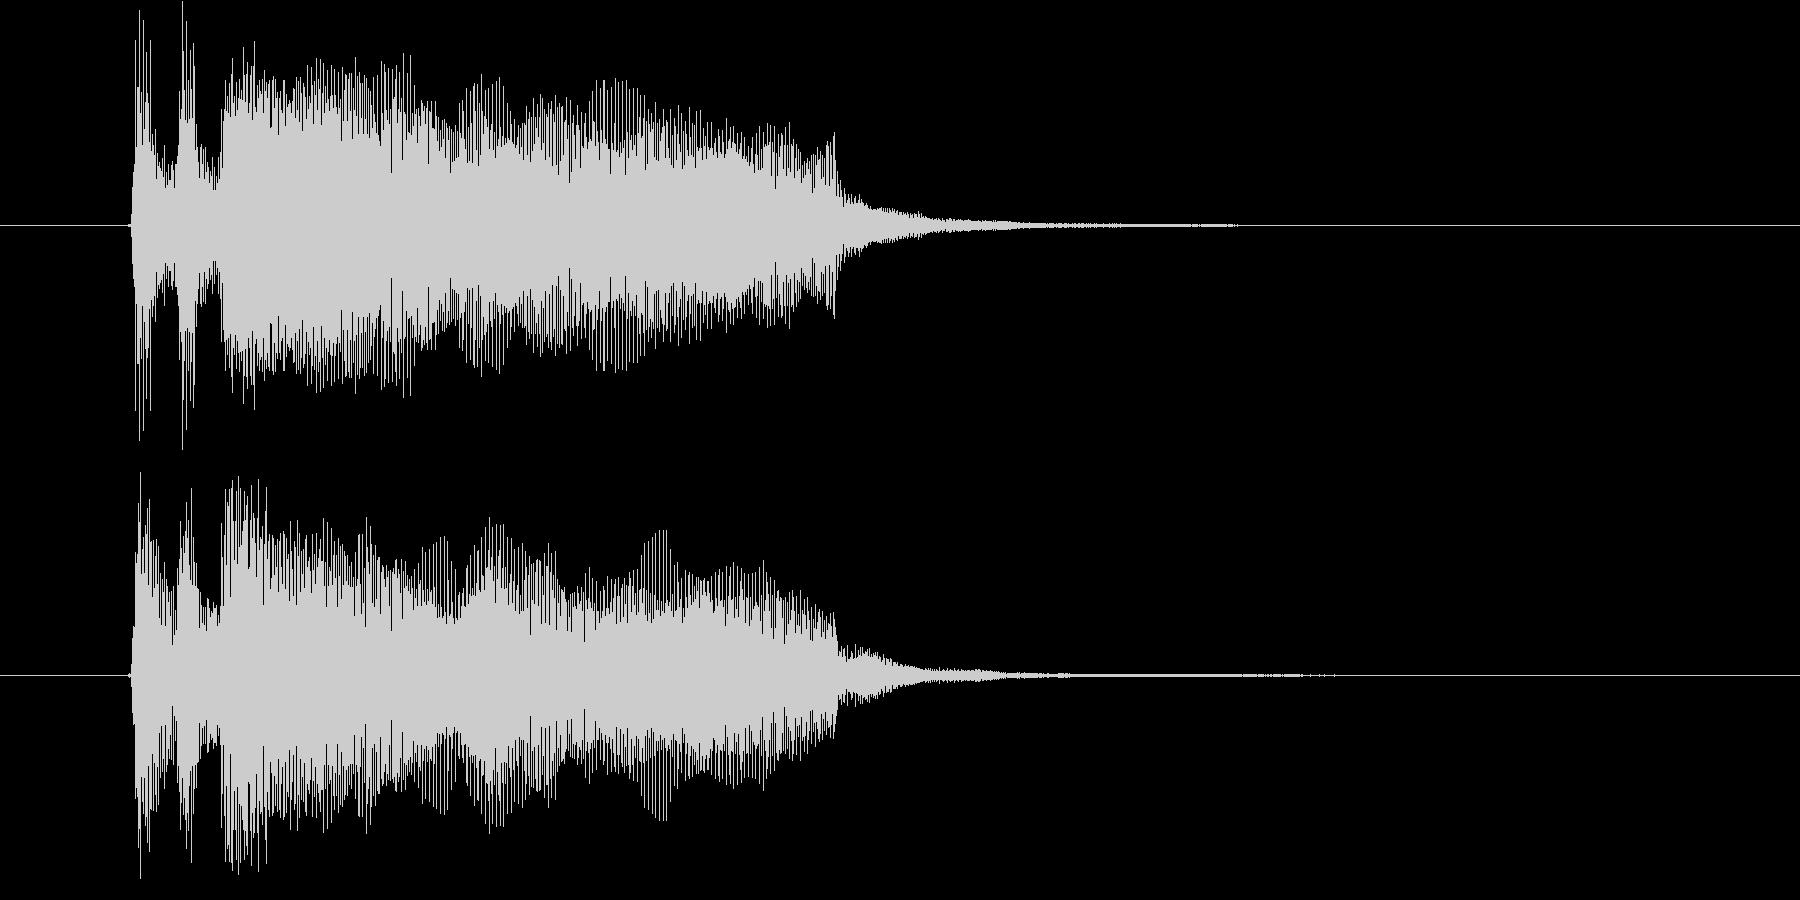 あっさりとシンプルなピアノジングルの未再生の波形